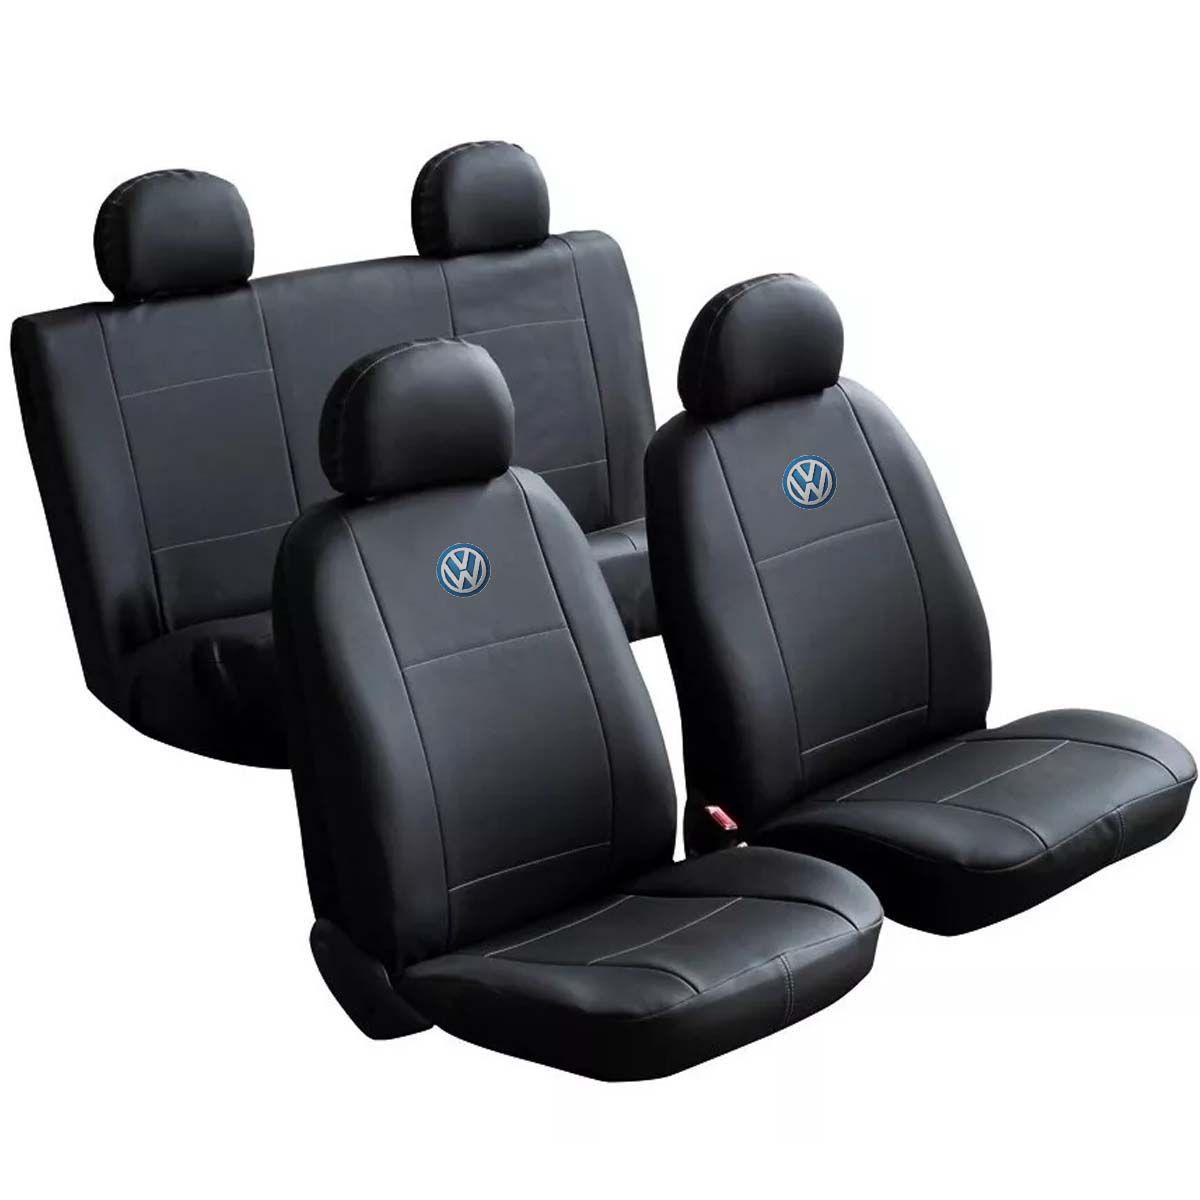 Capa de Banco Volkswagen Gol G2 G3 G4 G5 Saveiro Golf Couro Sintetico Bordado Poliparts